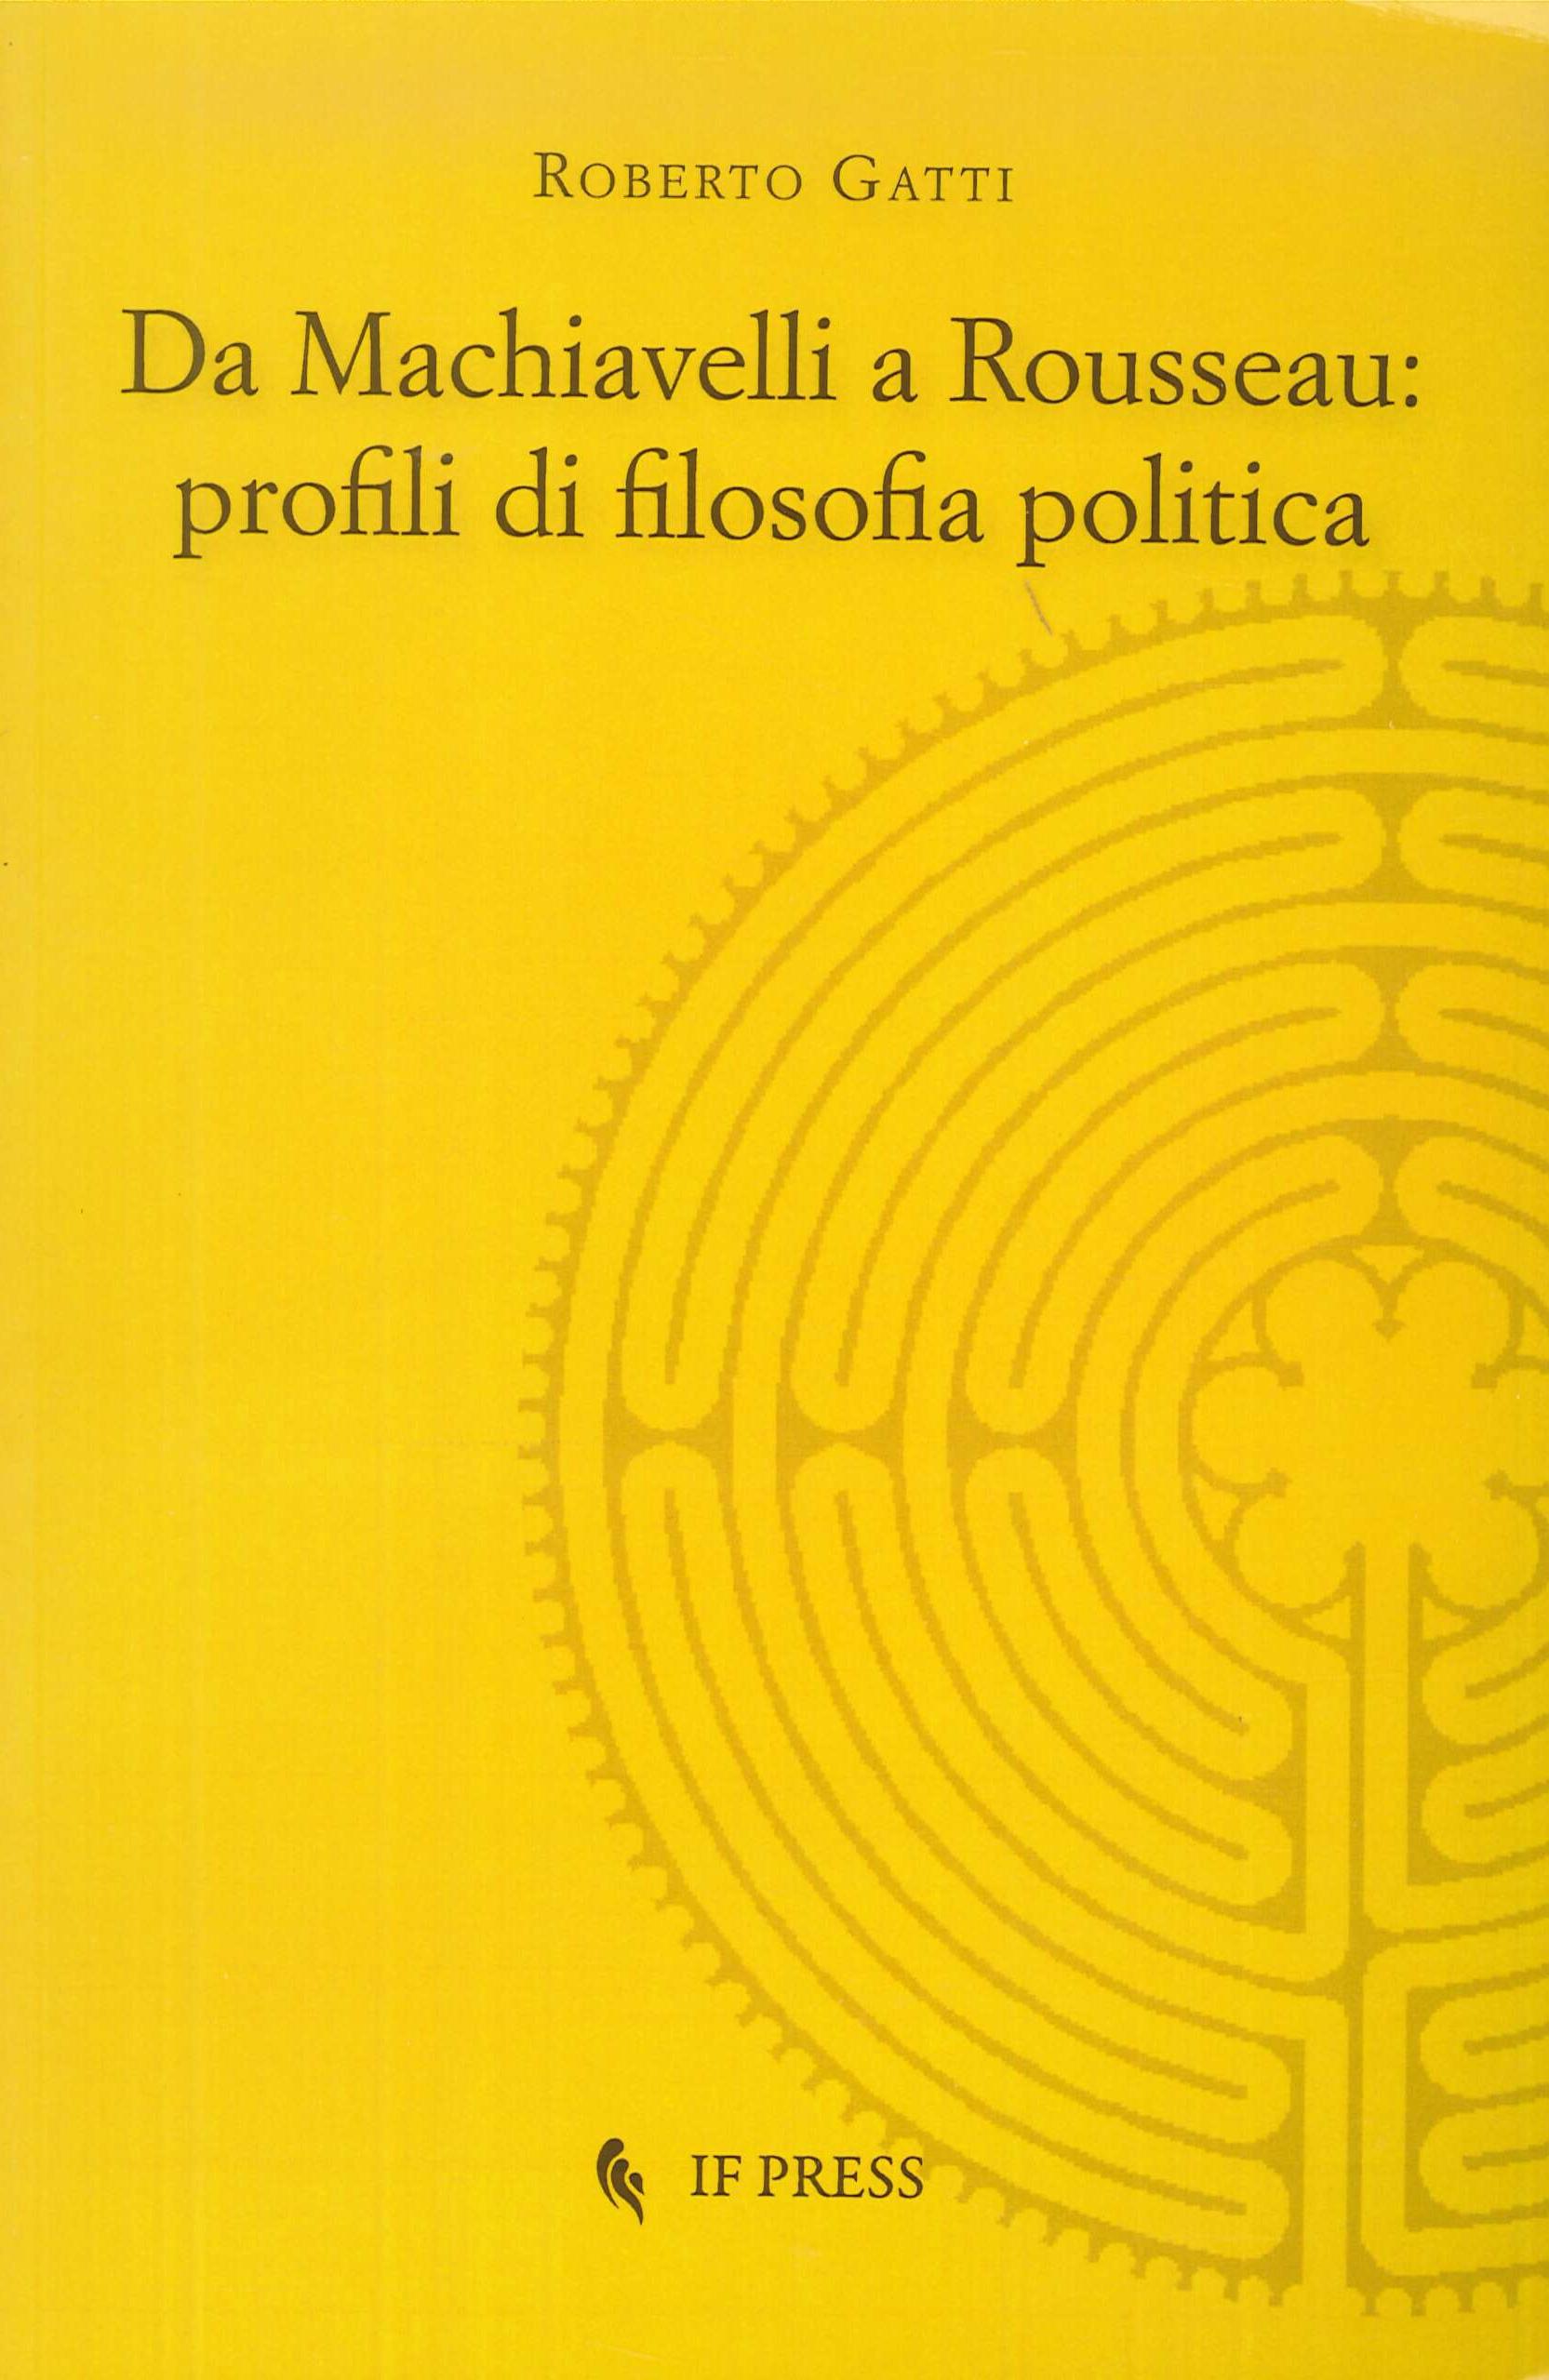 Da Machiavelli a Rousseau: profili di filosofia politica.